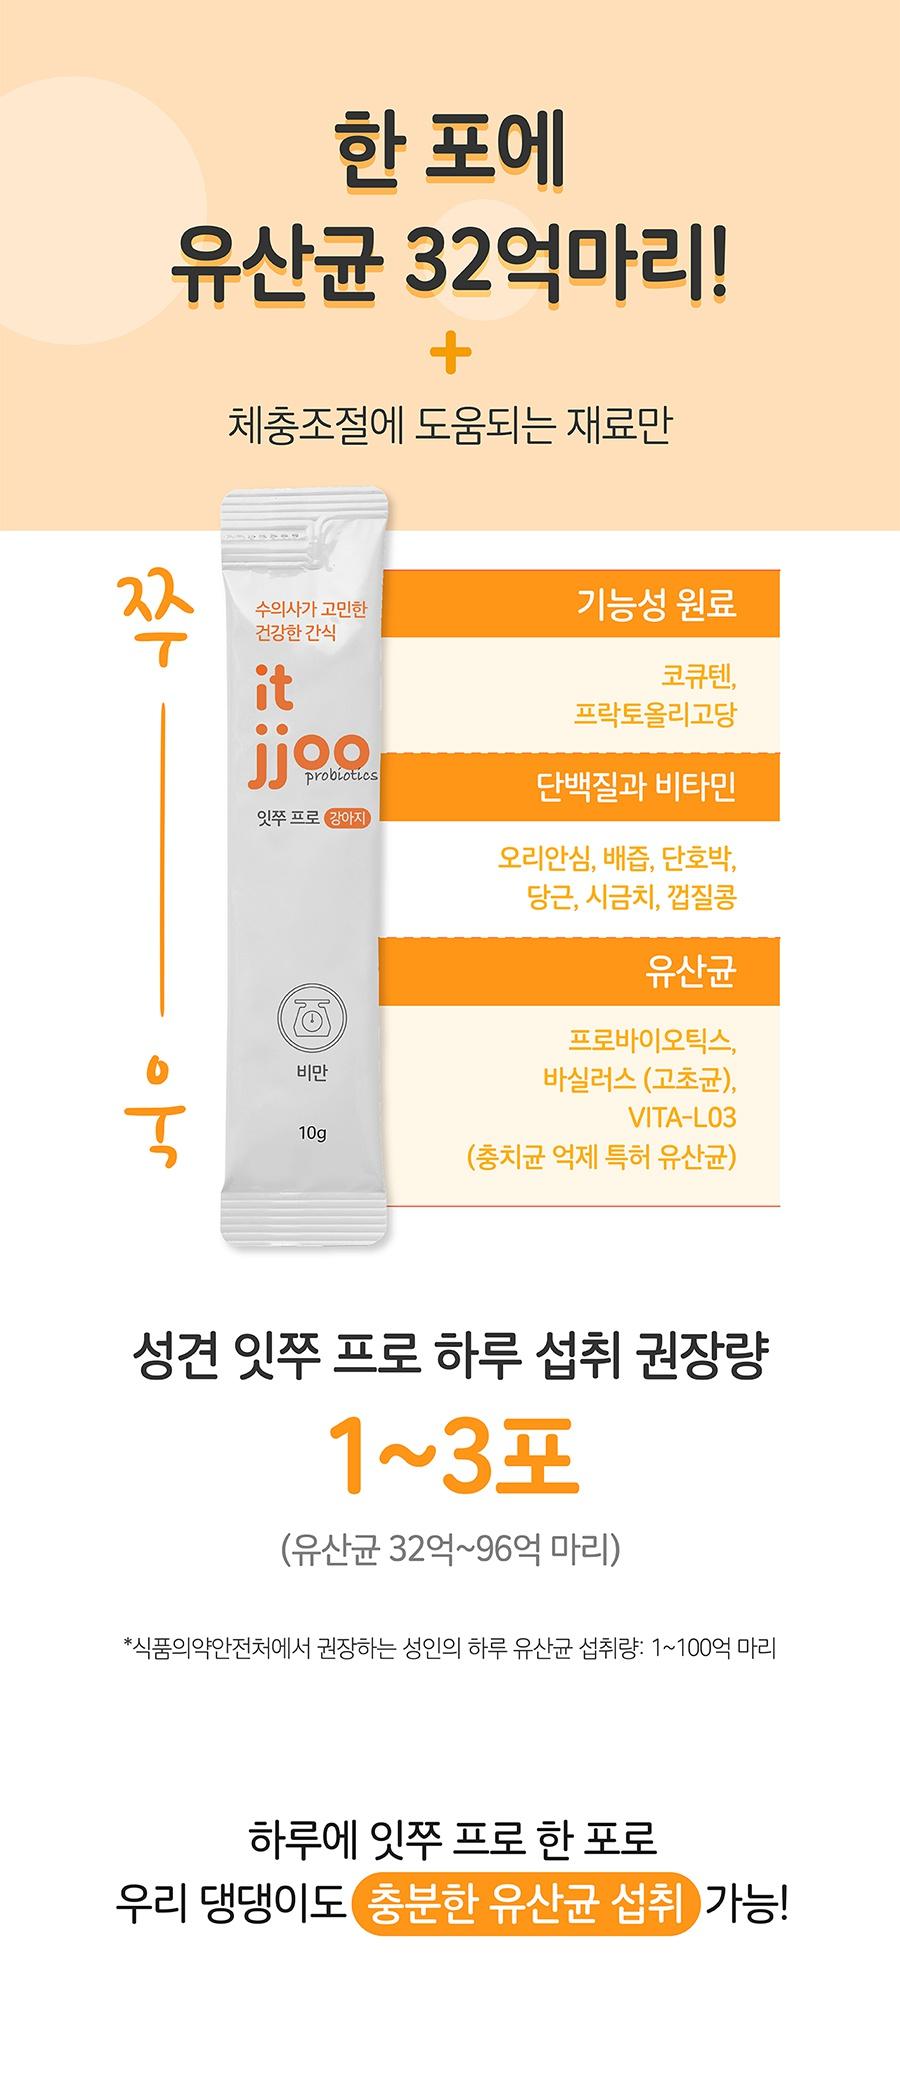 It 잇쭈 프로 도그 3종 (구강/비만/면역)-상품이미지-14